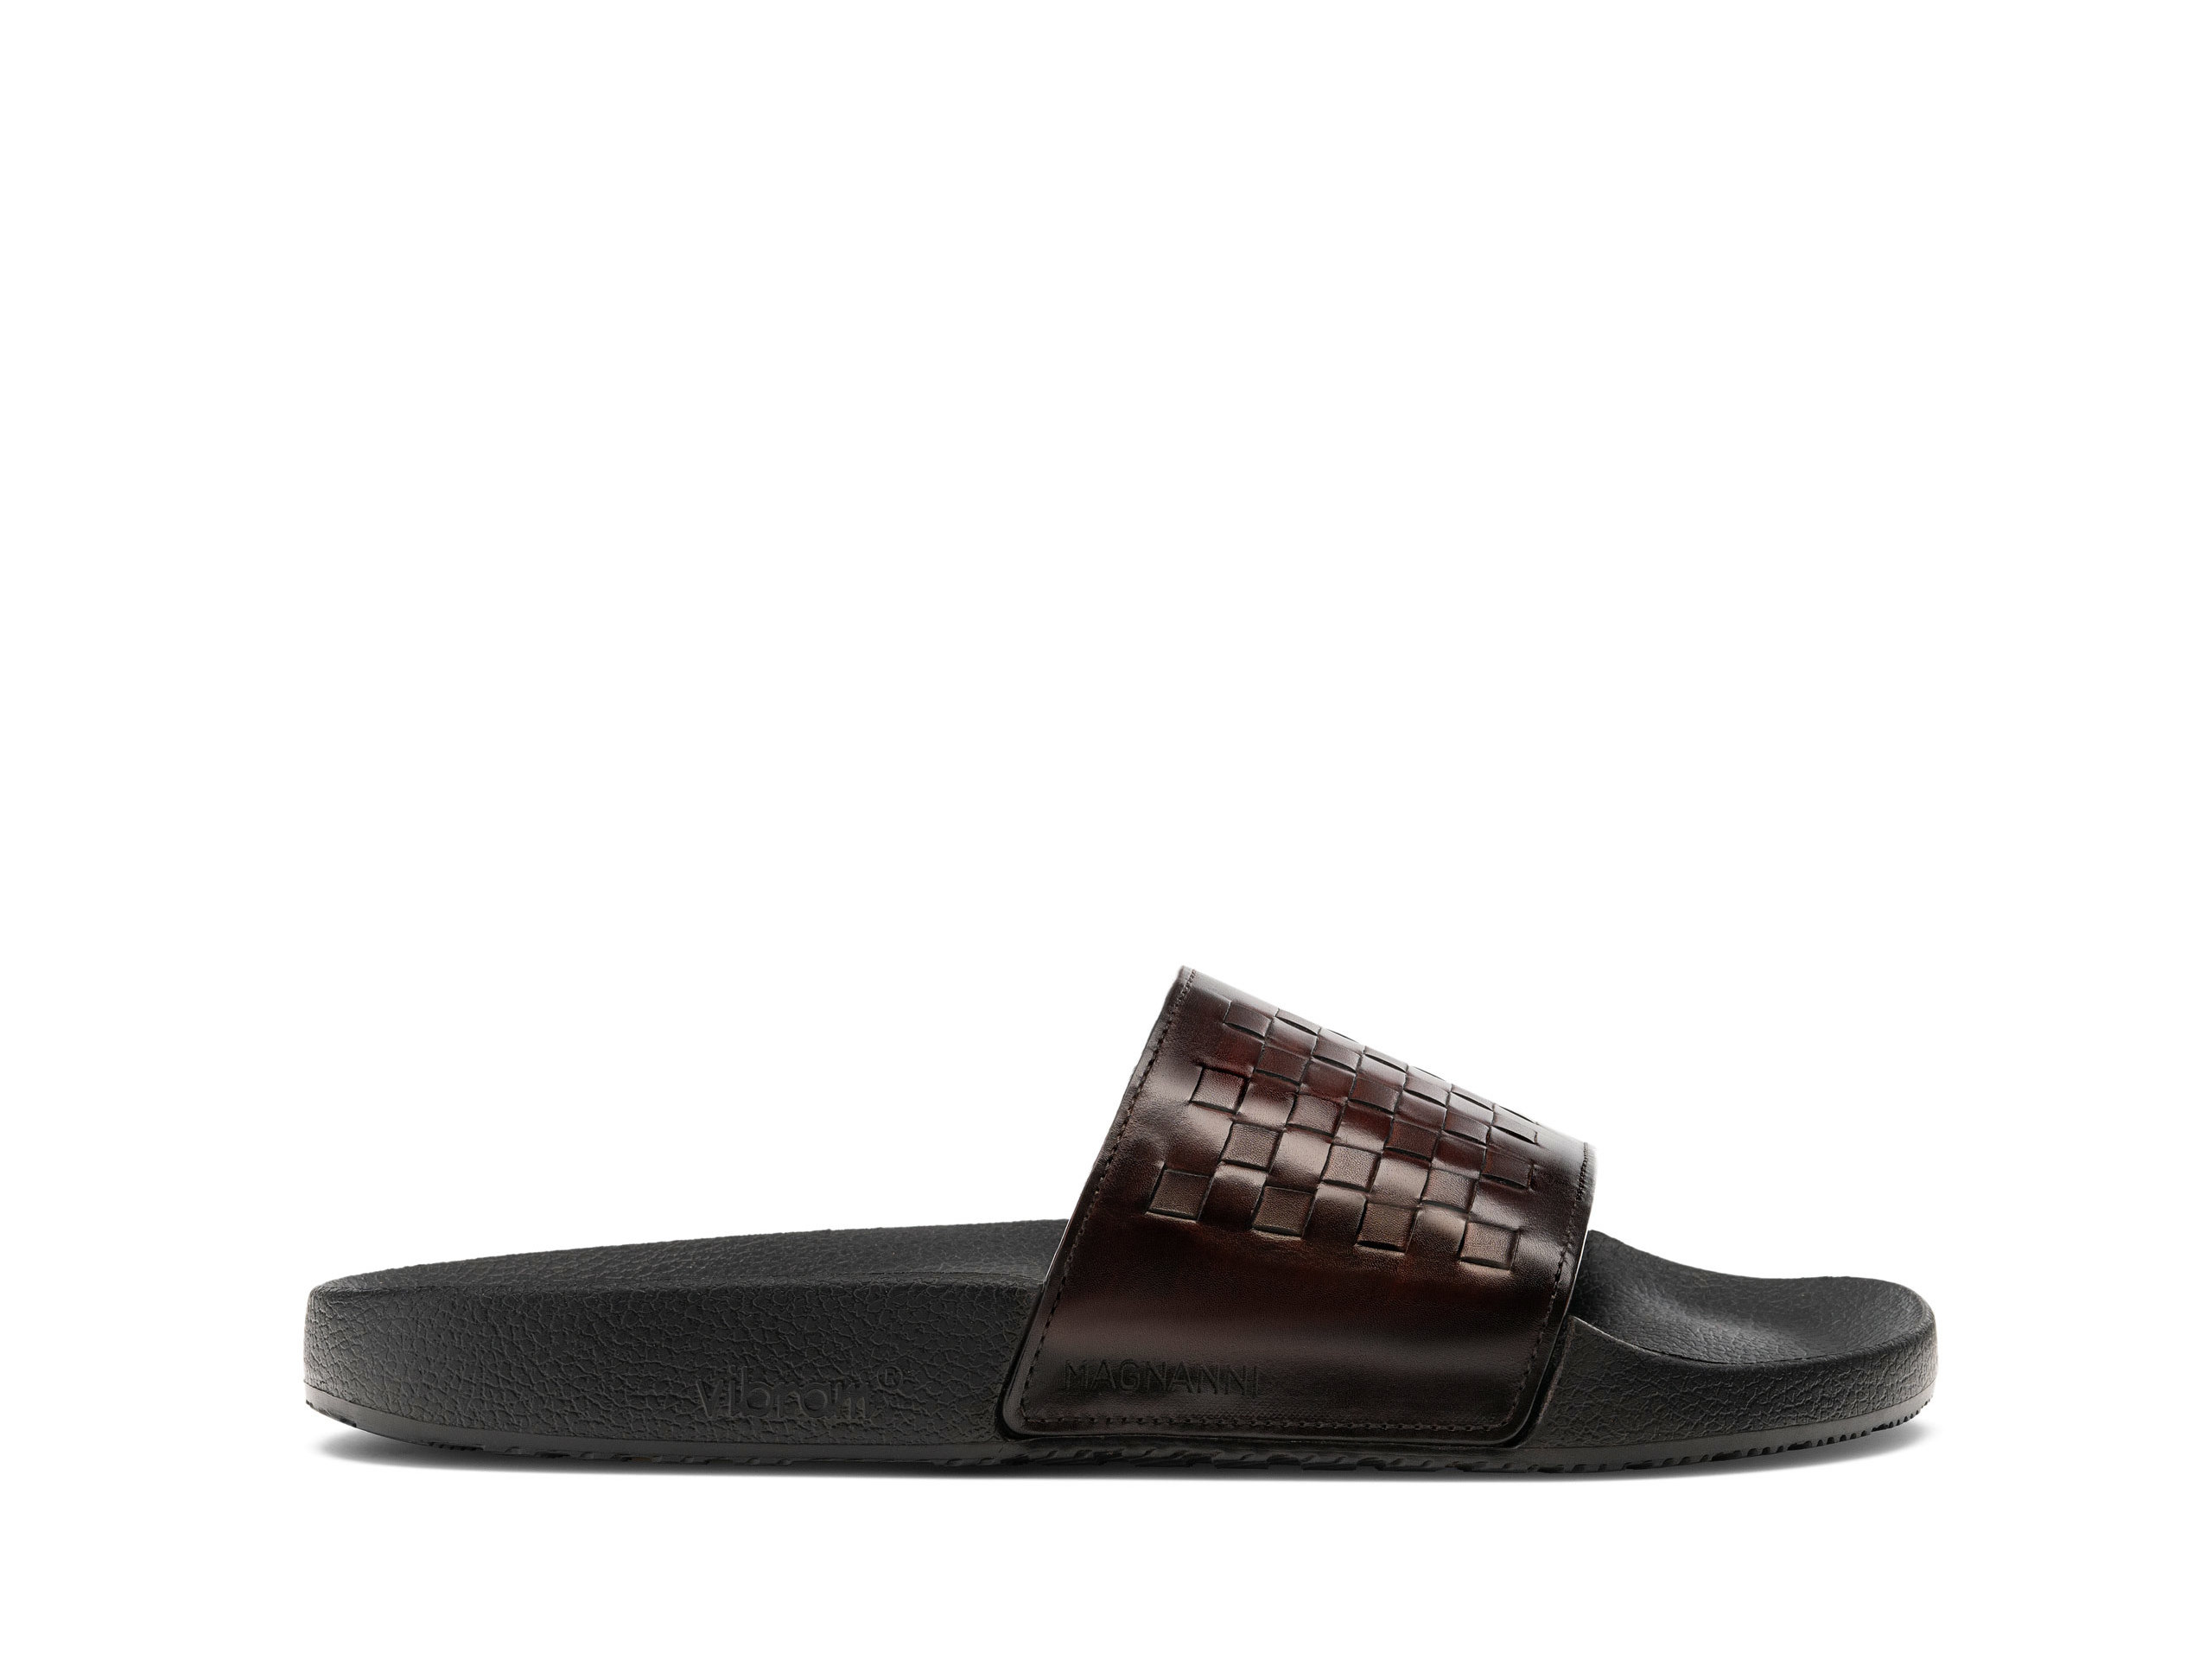 Magnanni Playa Woven Midbrown Shoes